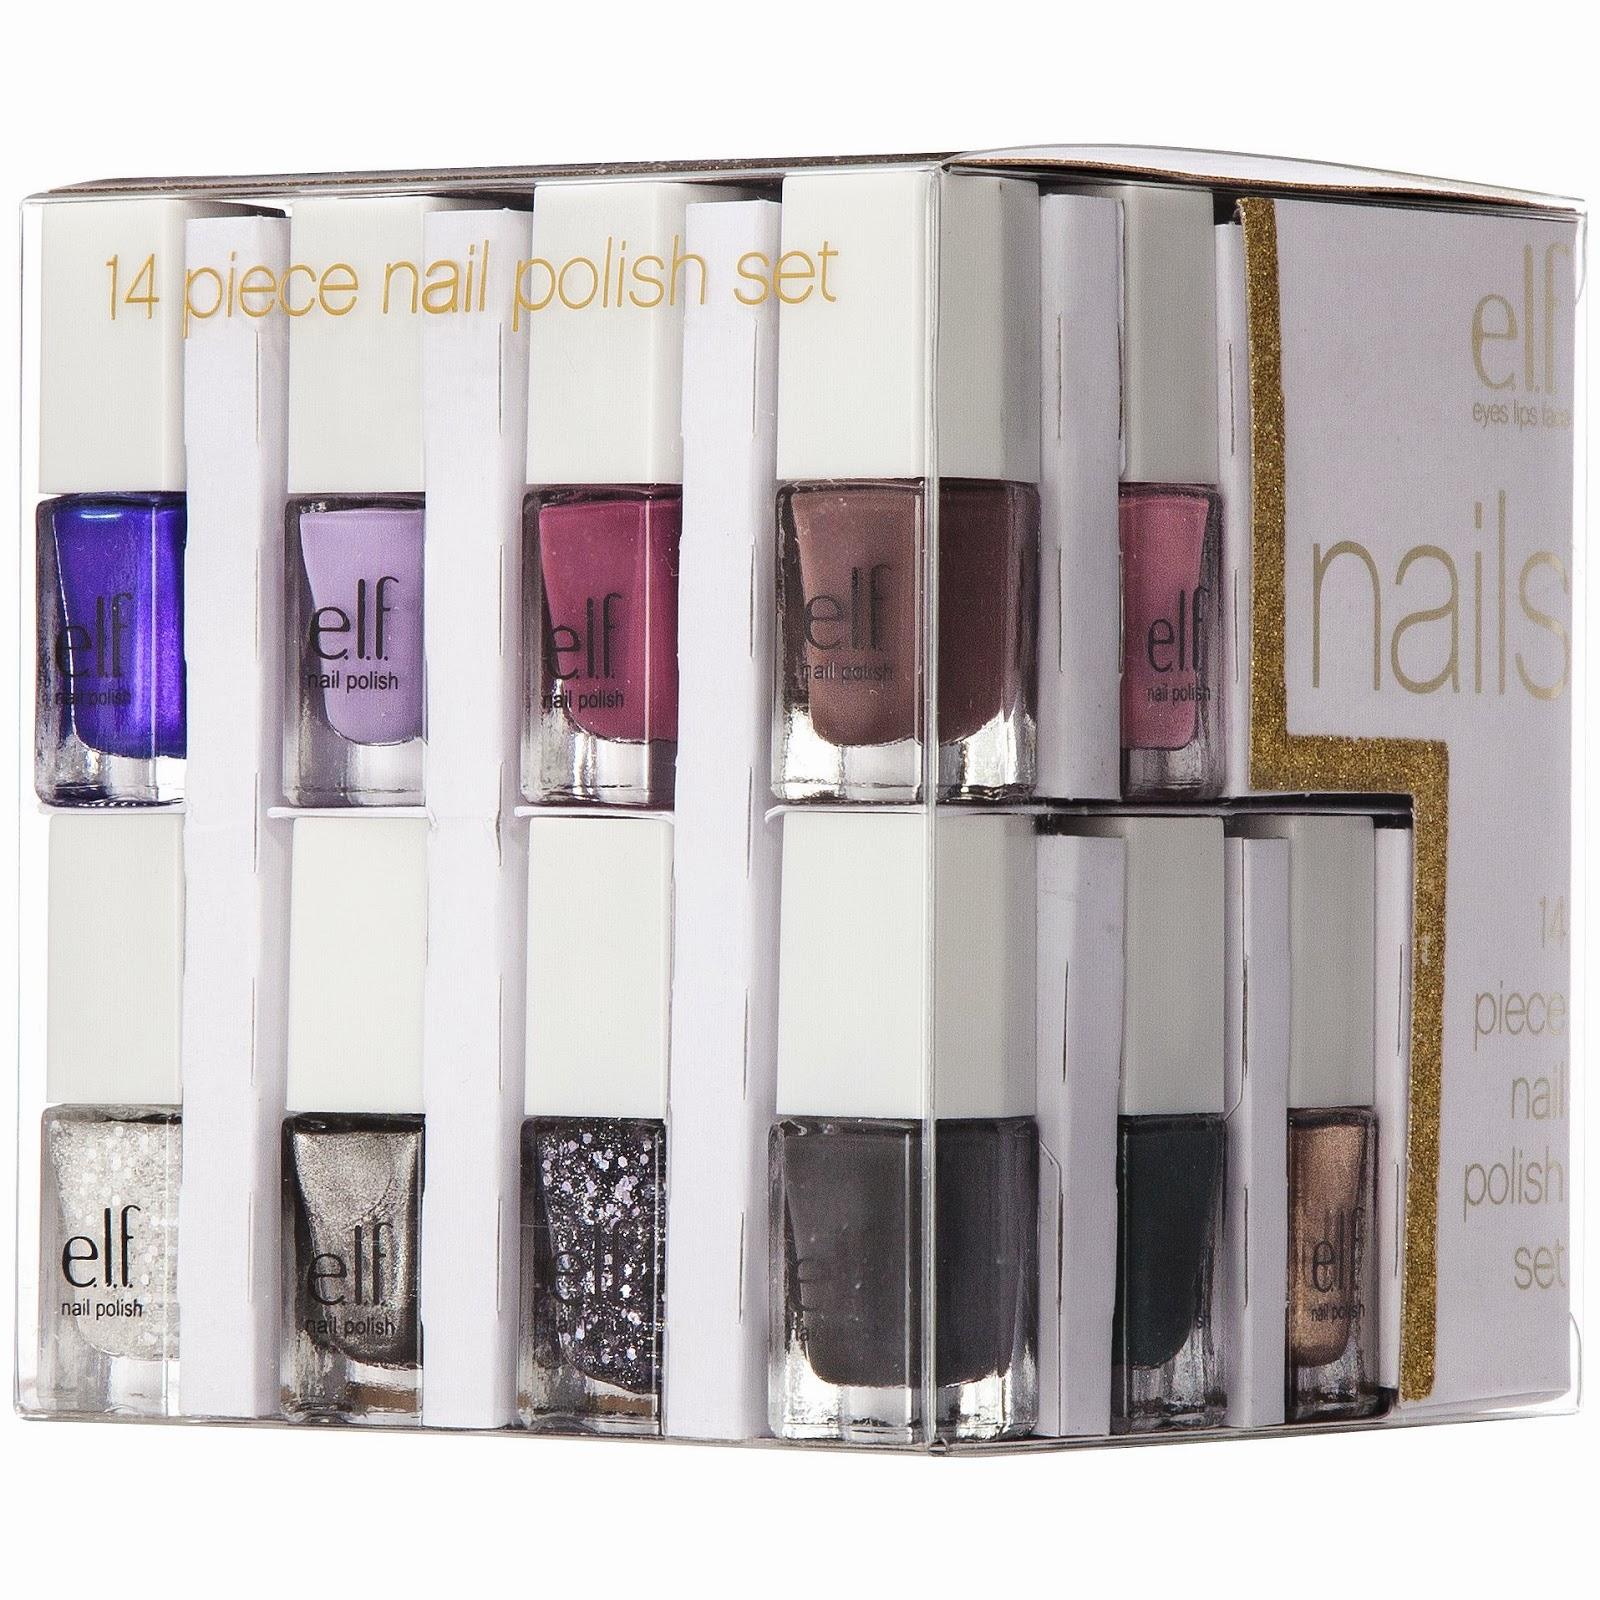 The Beauty Alchemist: e.l.f Nail Polish Cube - Holiday 2013